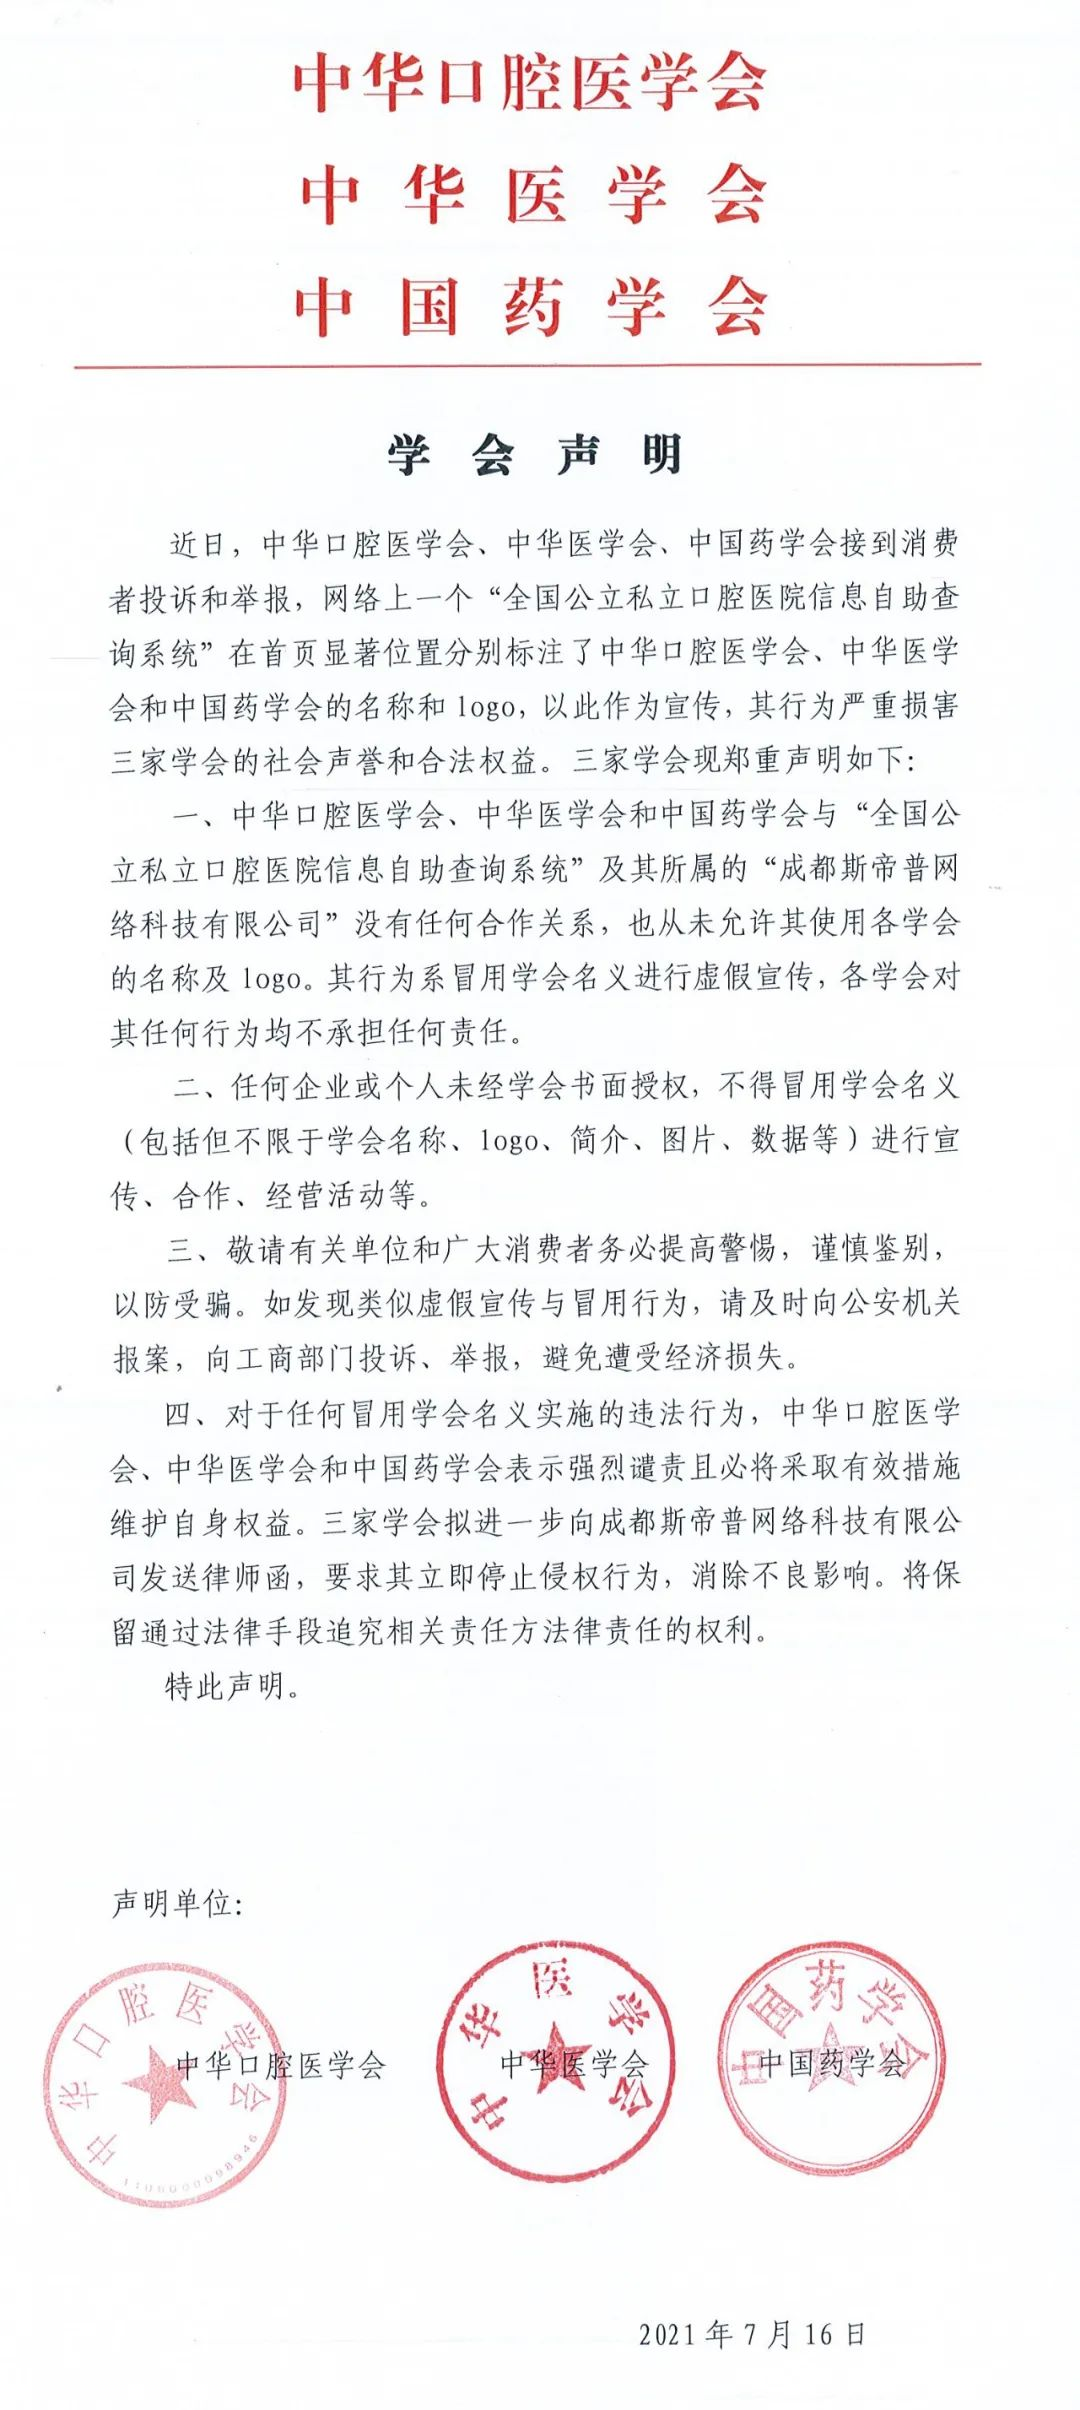 中华口腔医学会周报2021年第24期